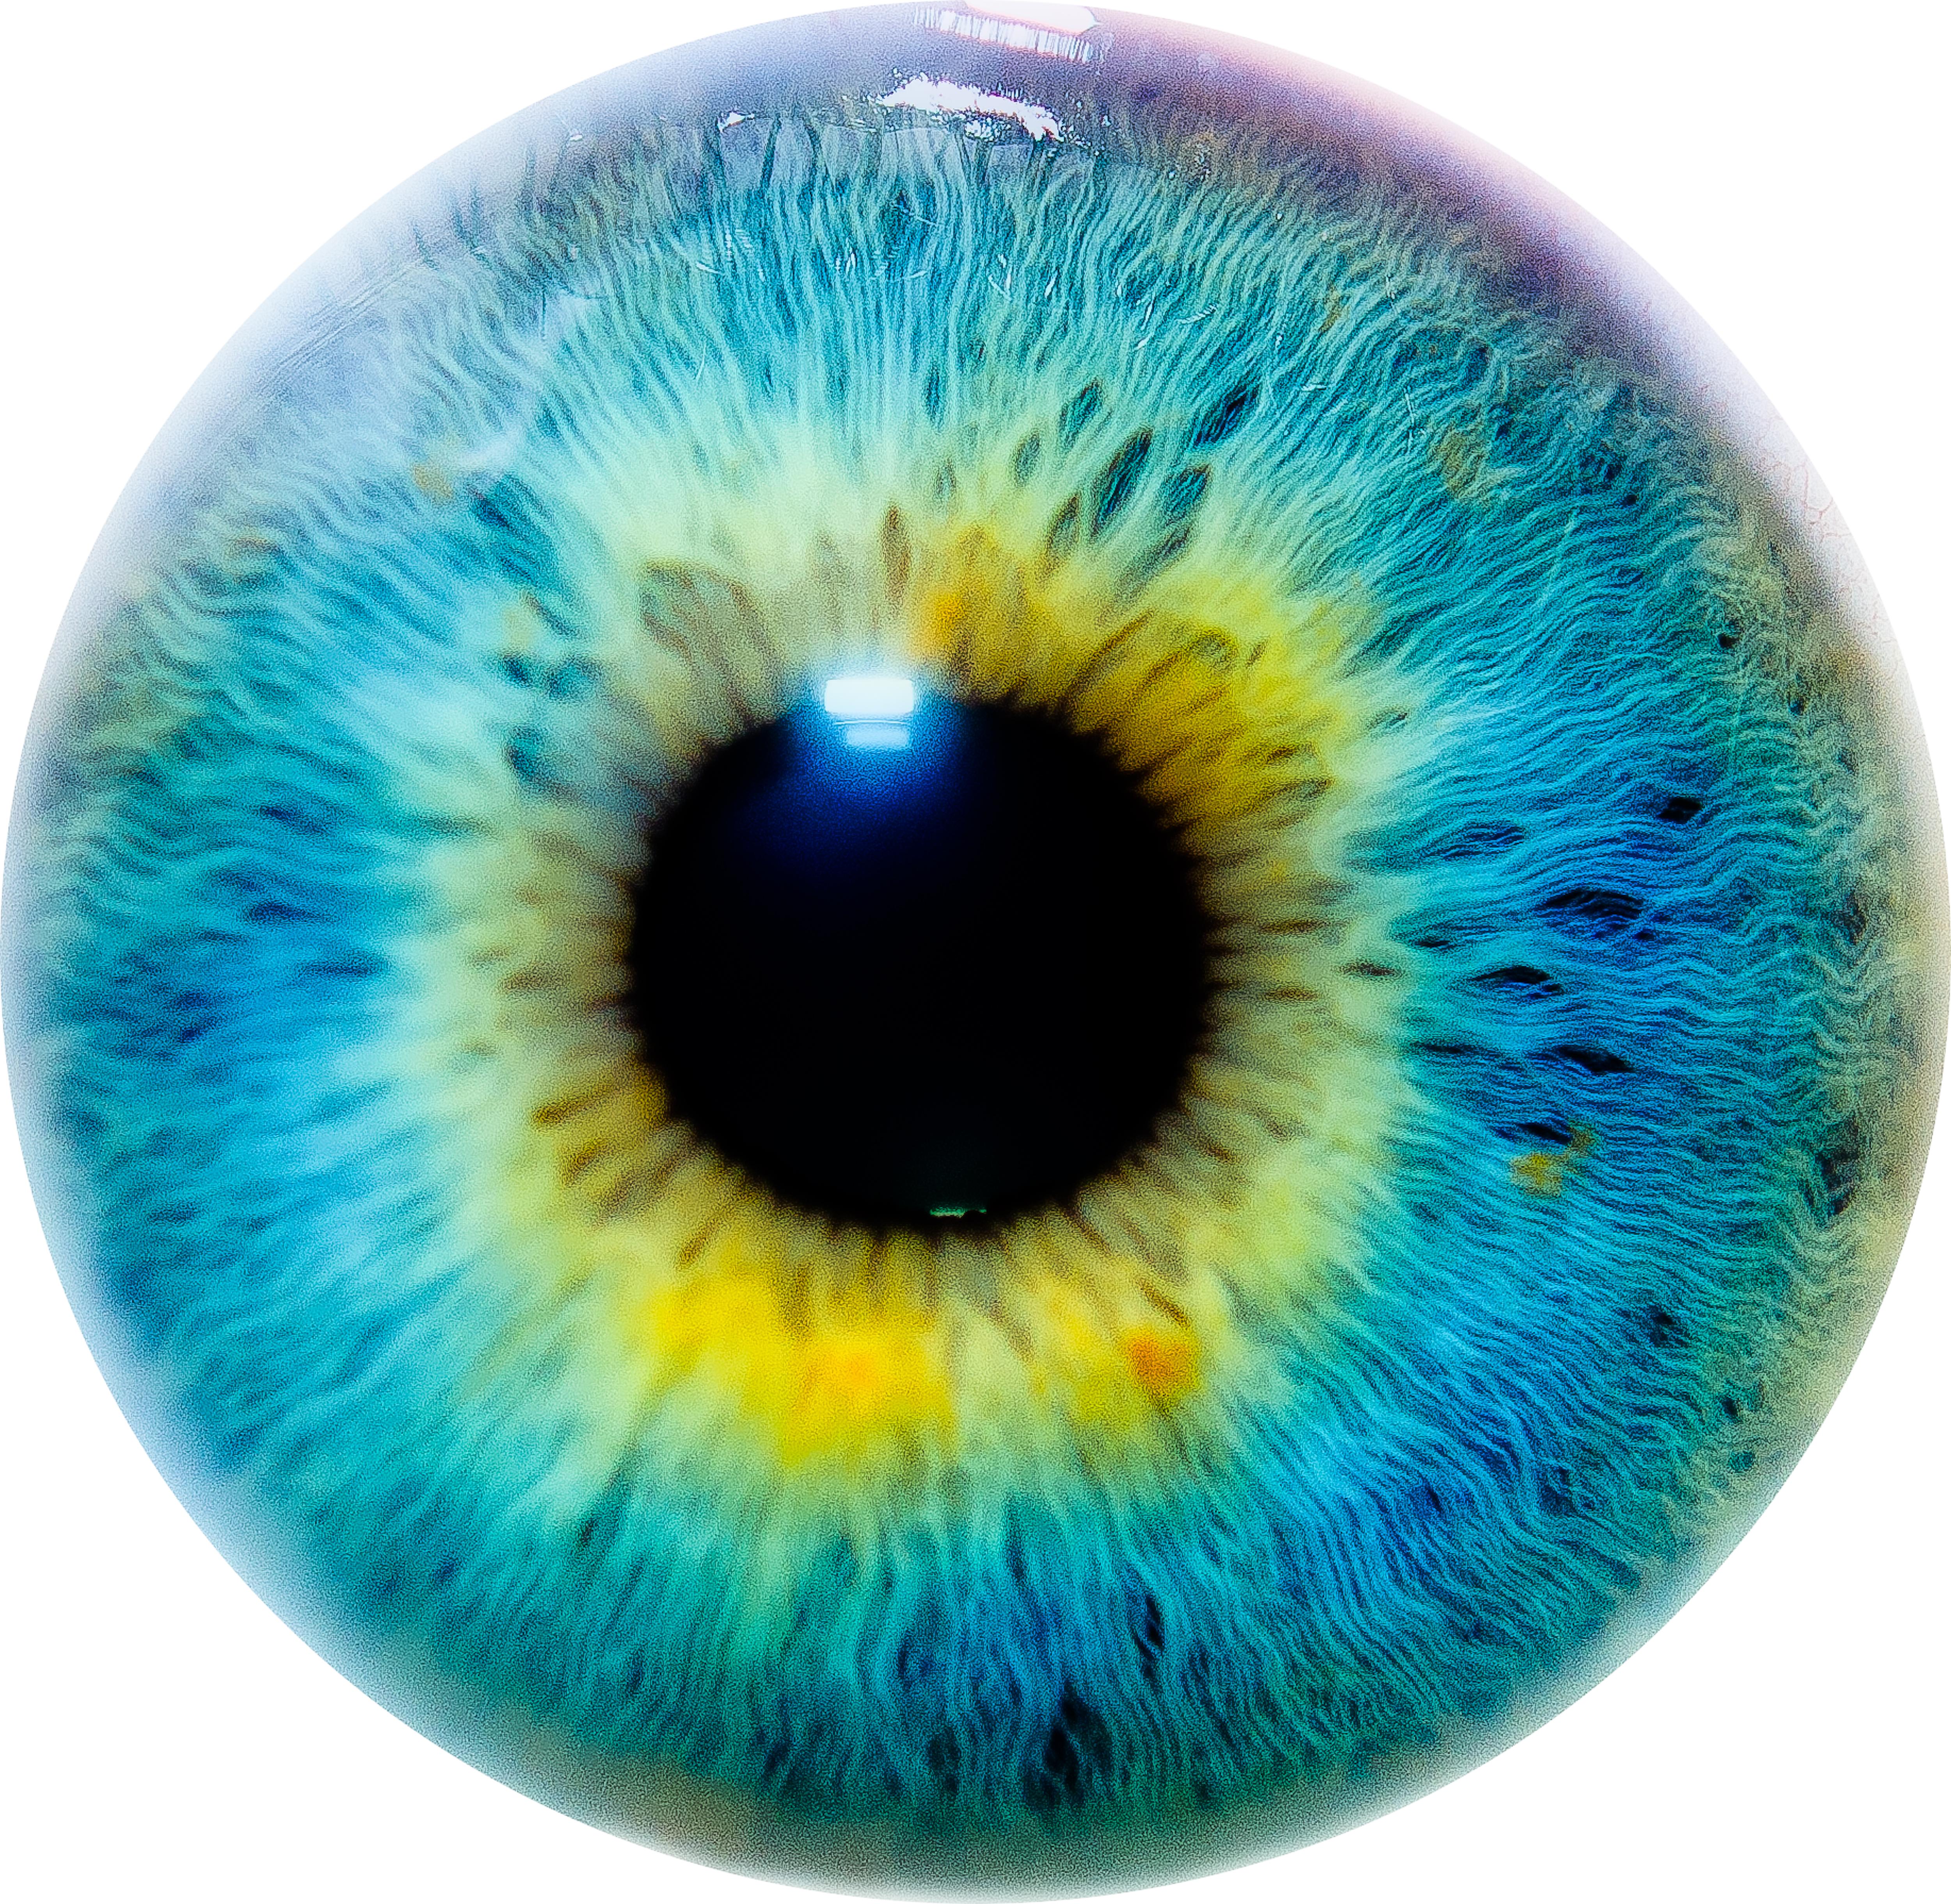 eye biochemistry